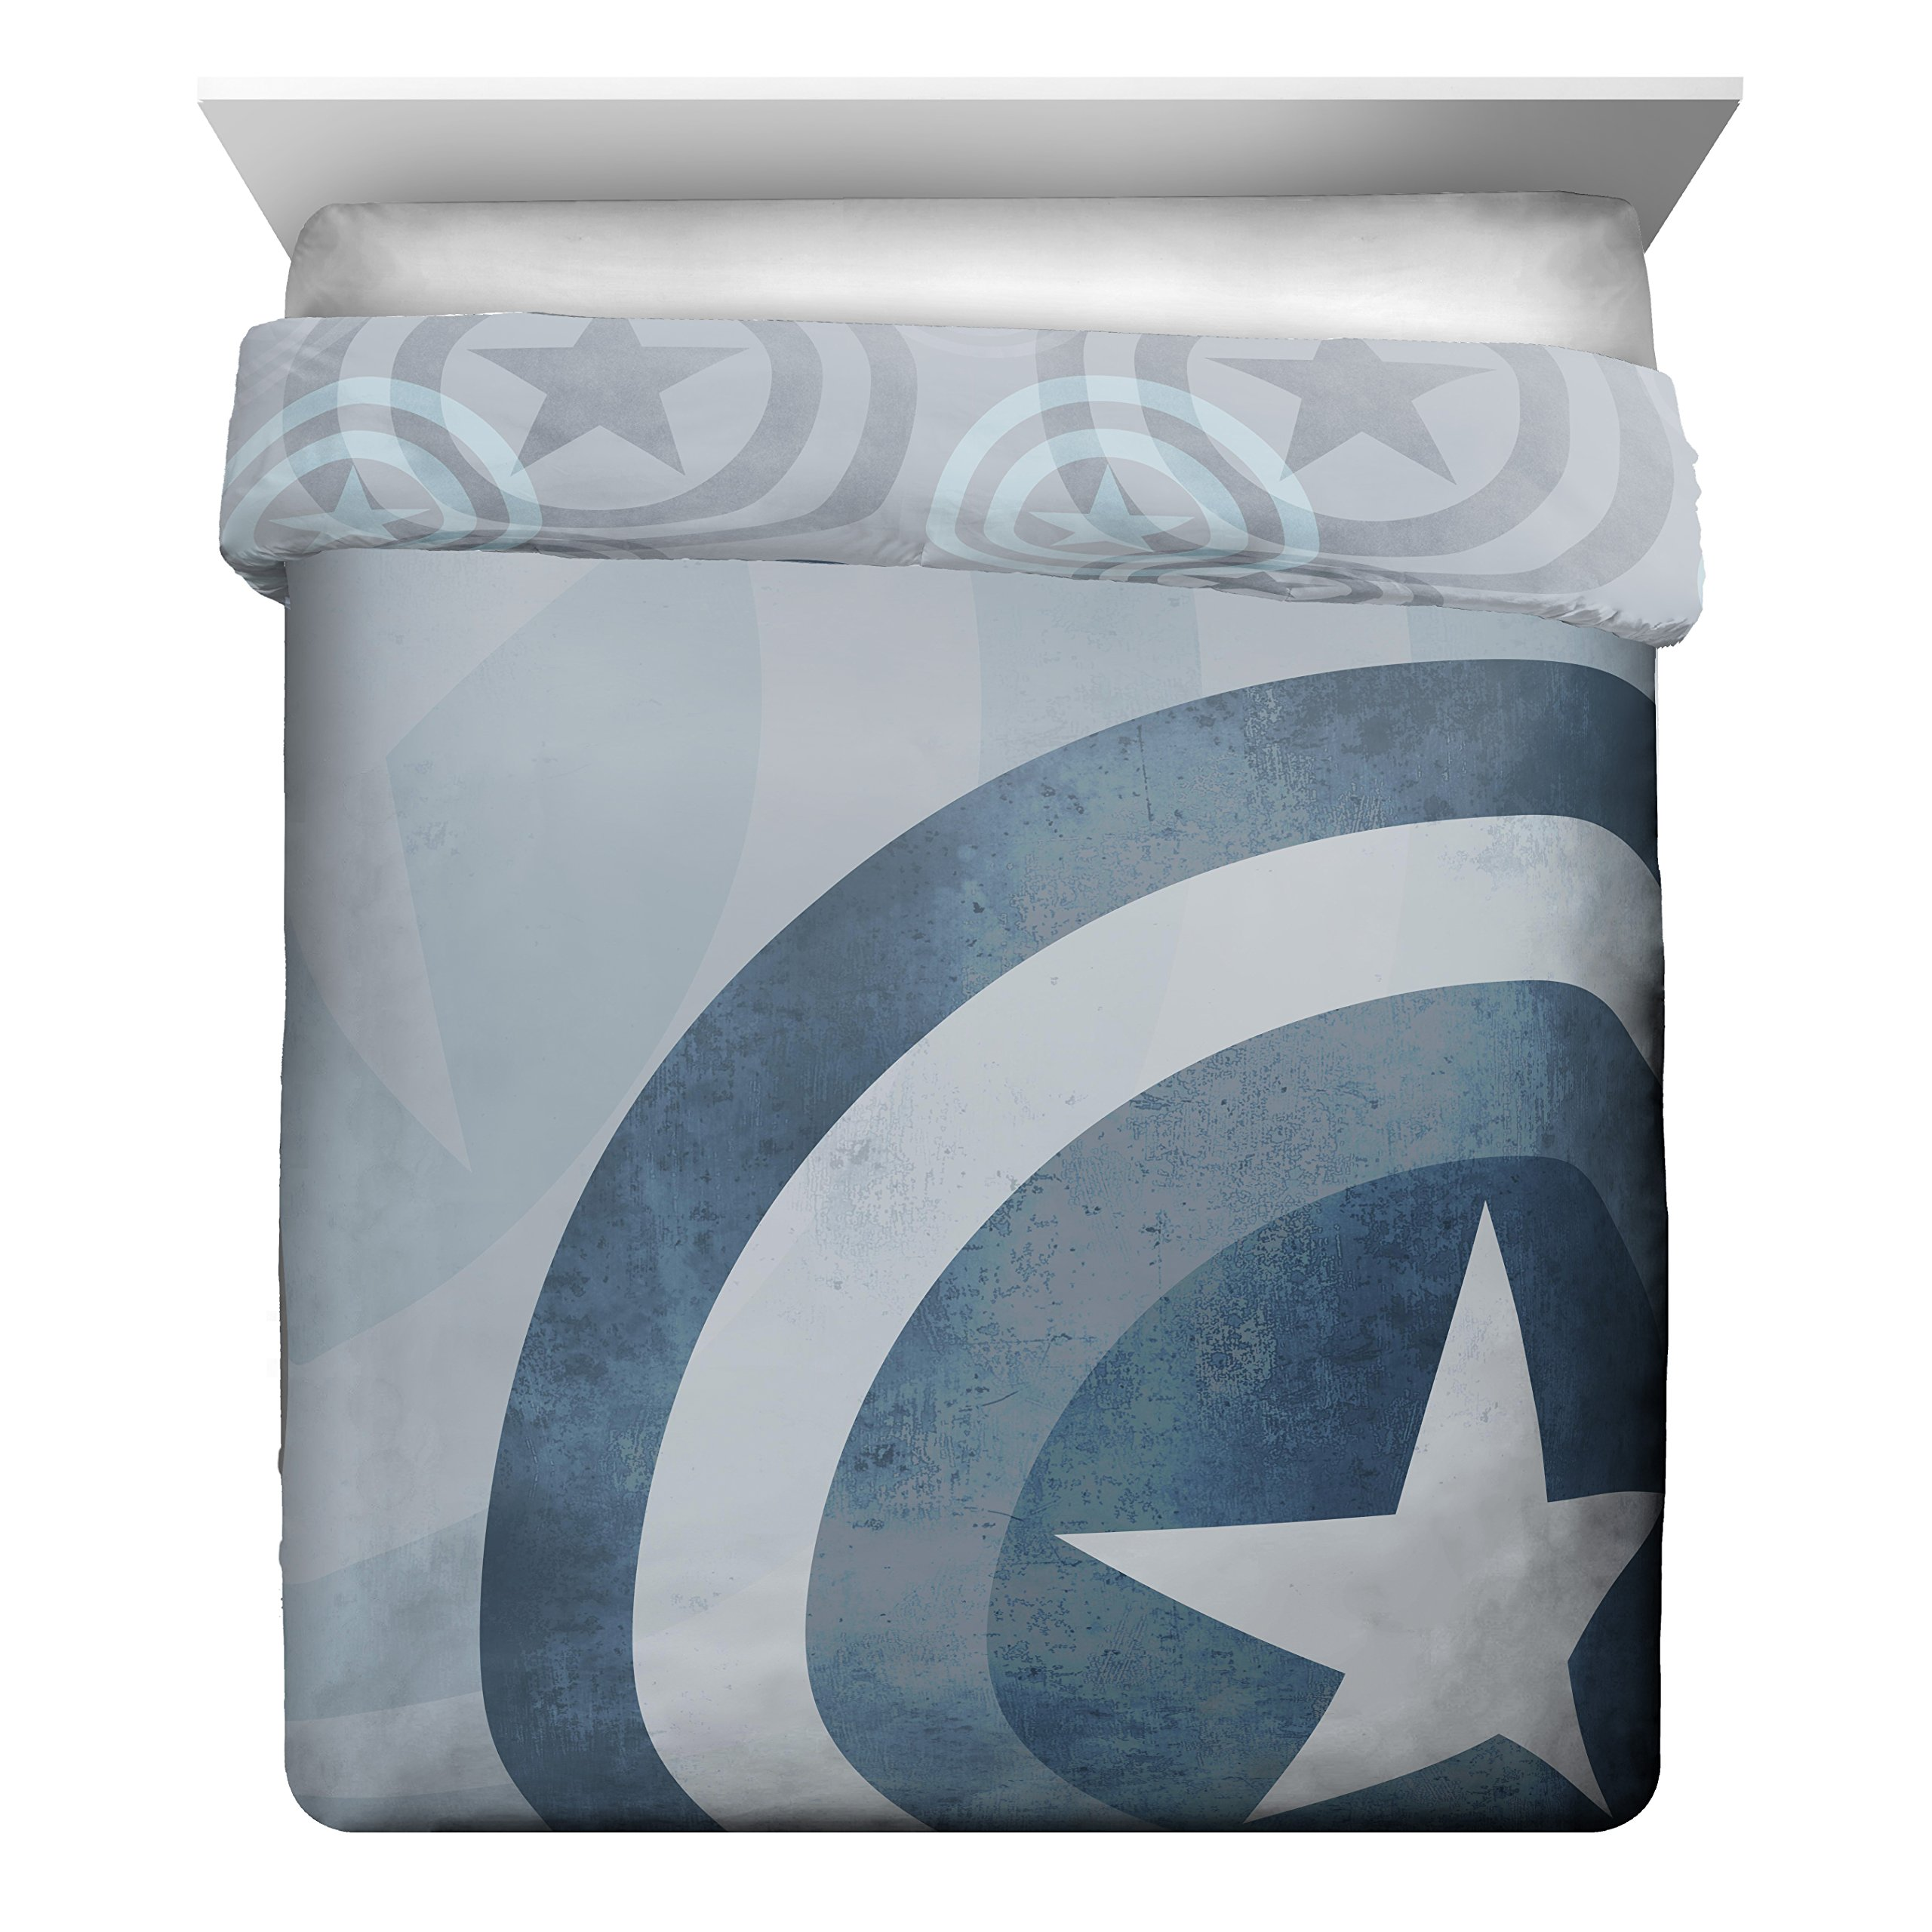 Marvel Captain America Lifestyle Shield Reversible Comforter & Sham, Full/Queen